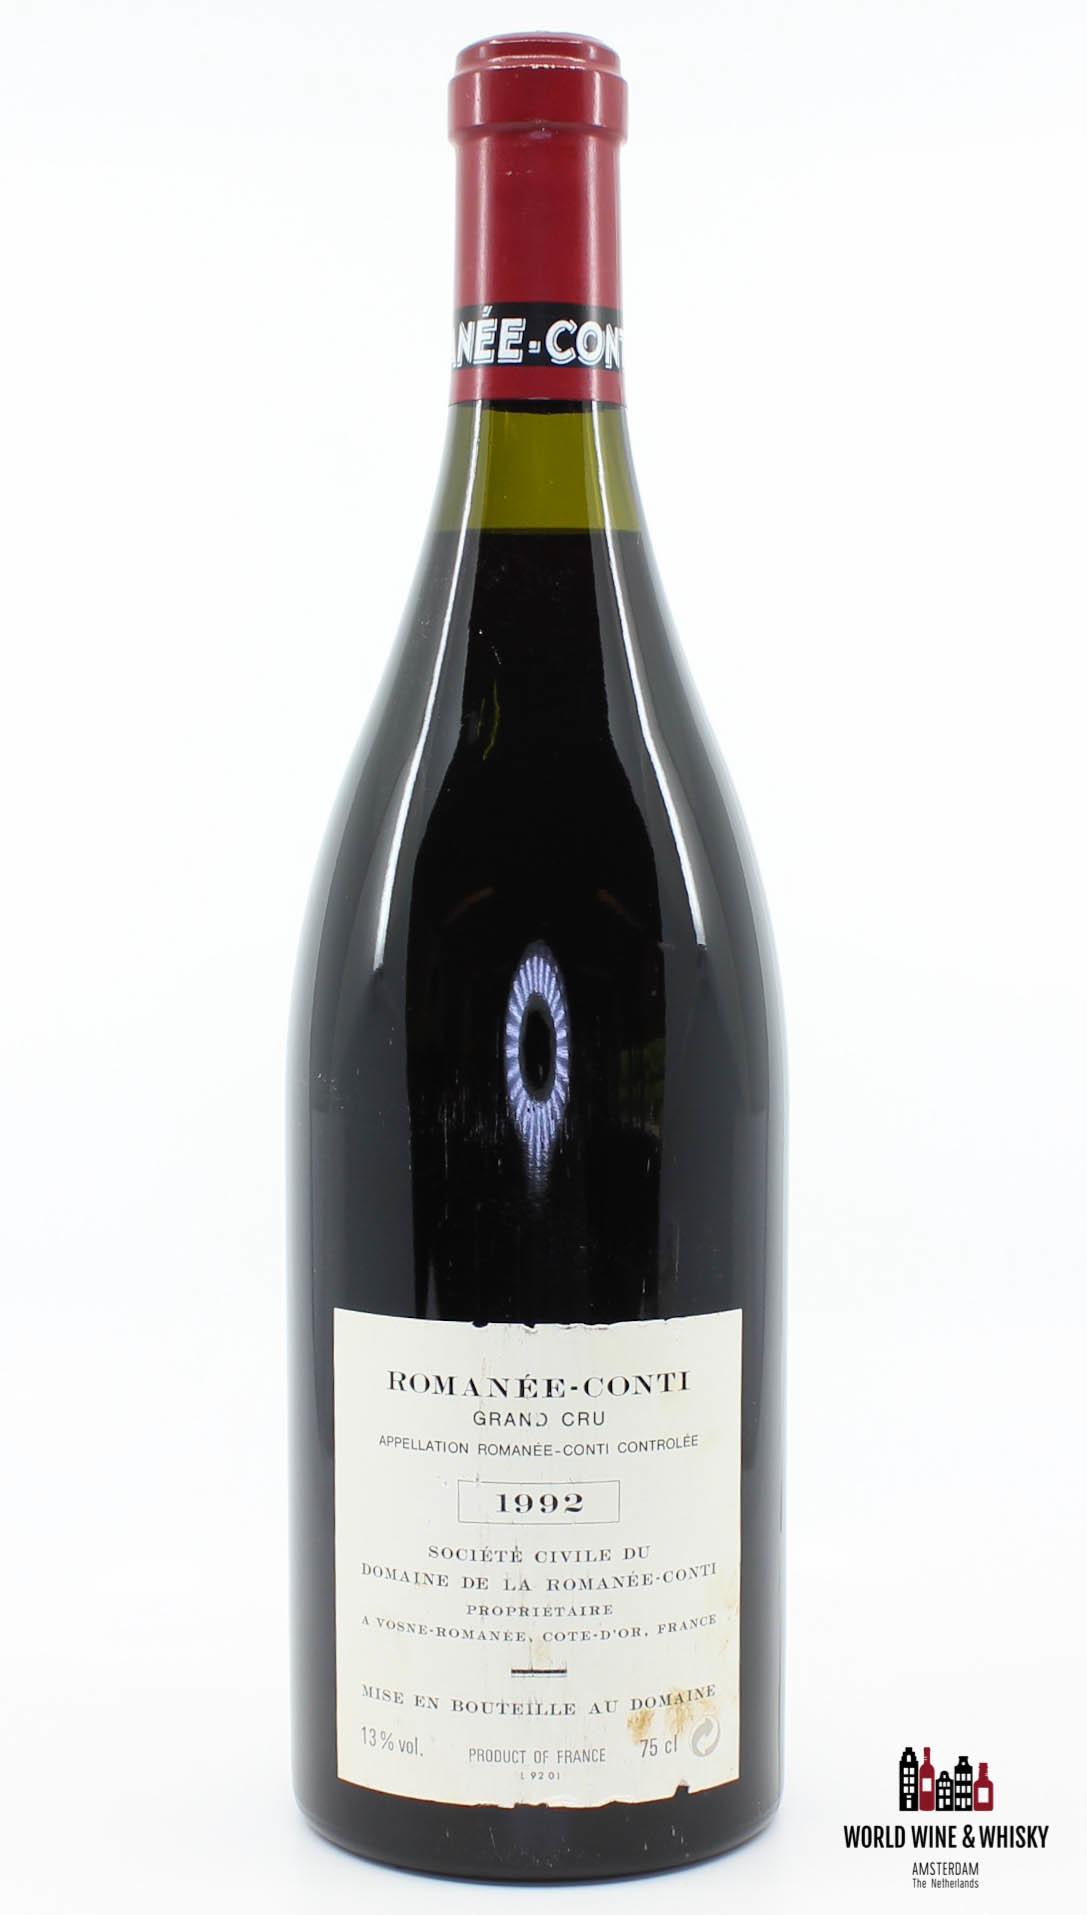 Domaine de la Romanée Conti Domaine de la Romanée-Conti (DRC) - Romanée-Conti 1992 - Inspected by Chai Consultant/WineFraud